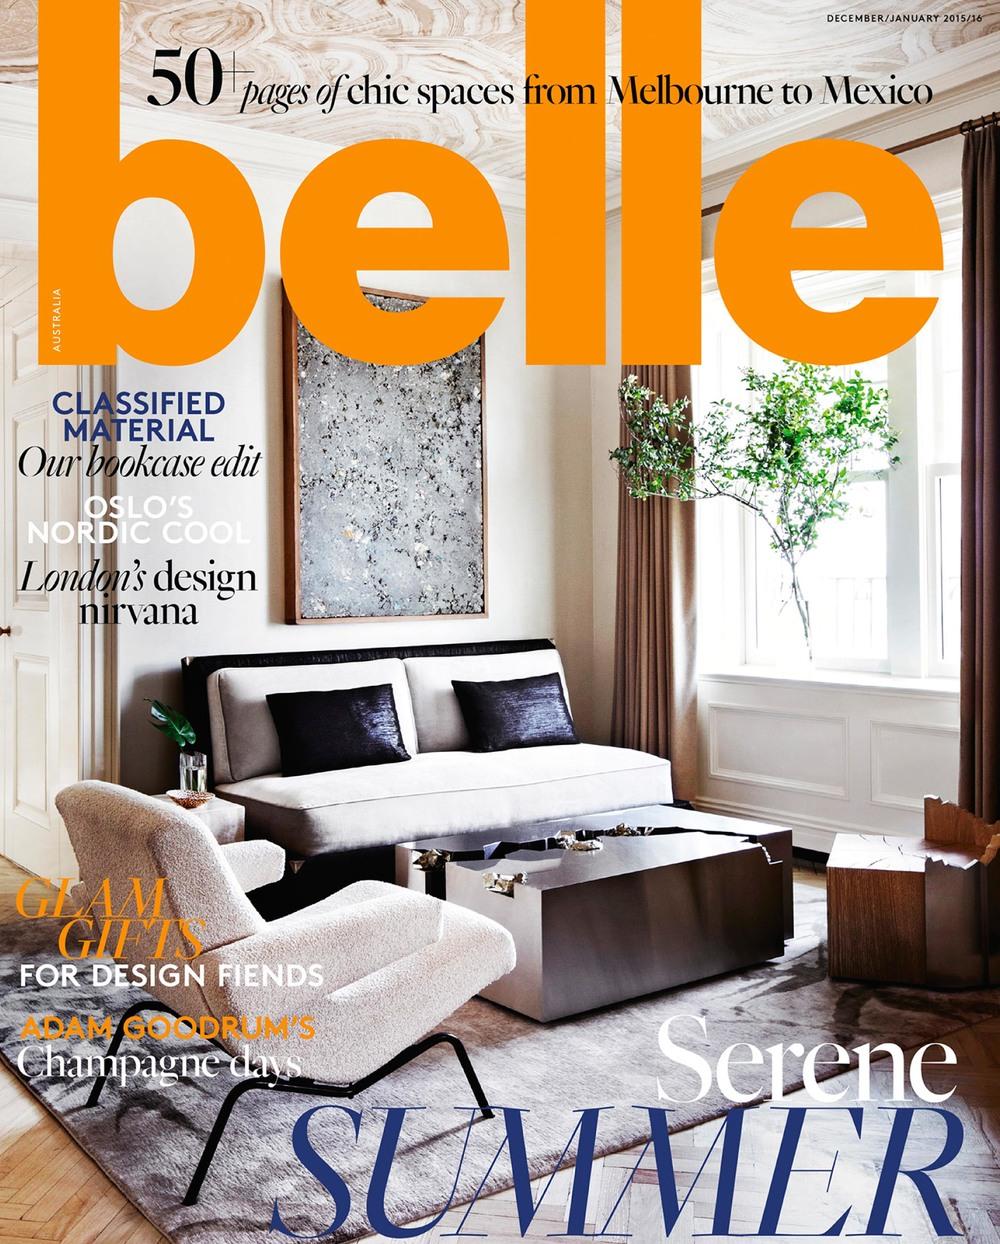 Belle Magazine 2.jpg